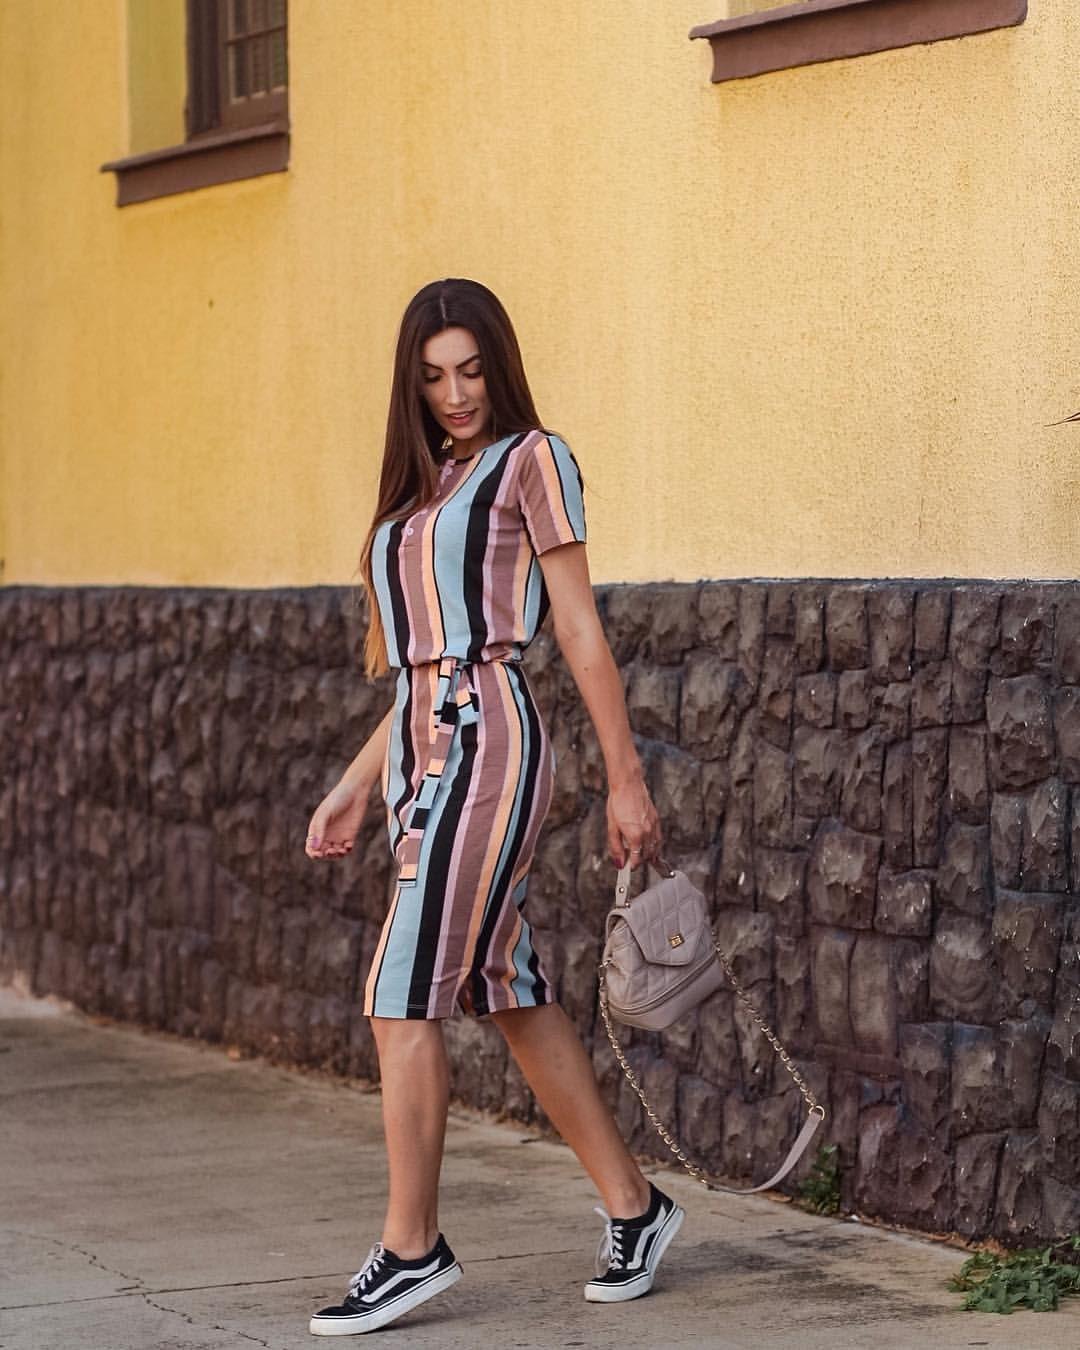 7e873759a4 vestido comfy listrado + tênis vans | tudinho | Vestidos, Vestidos ...